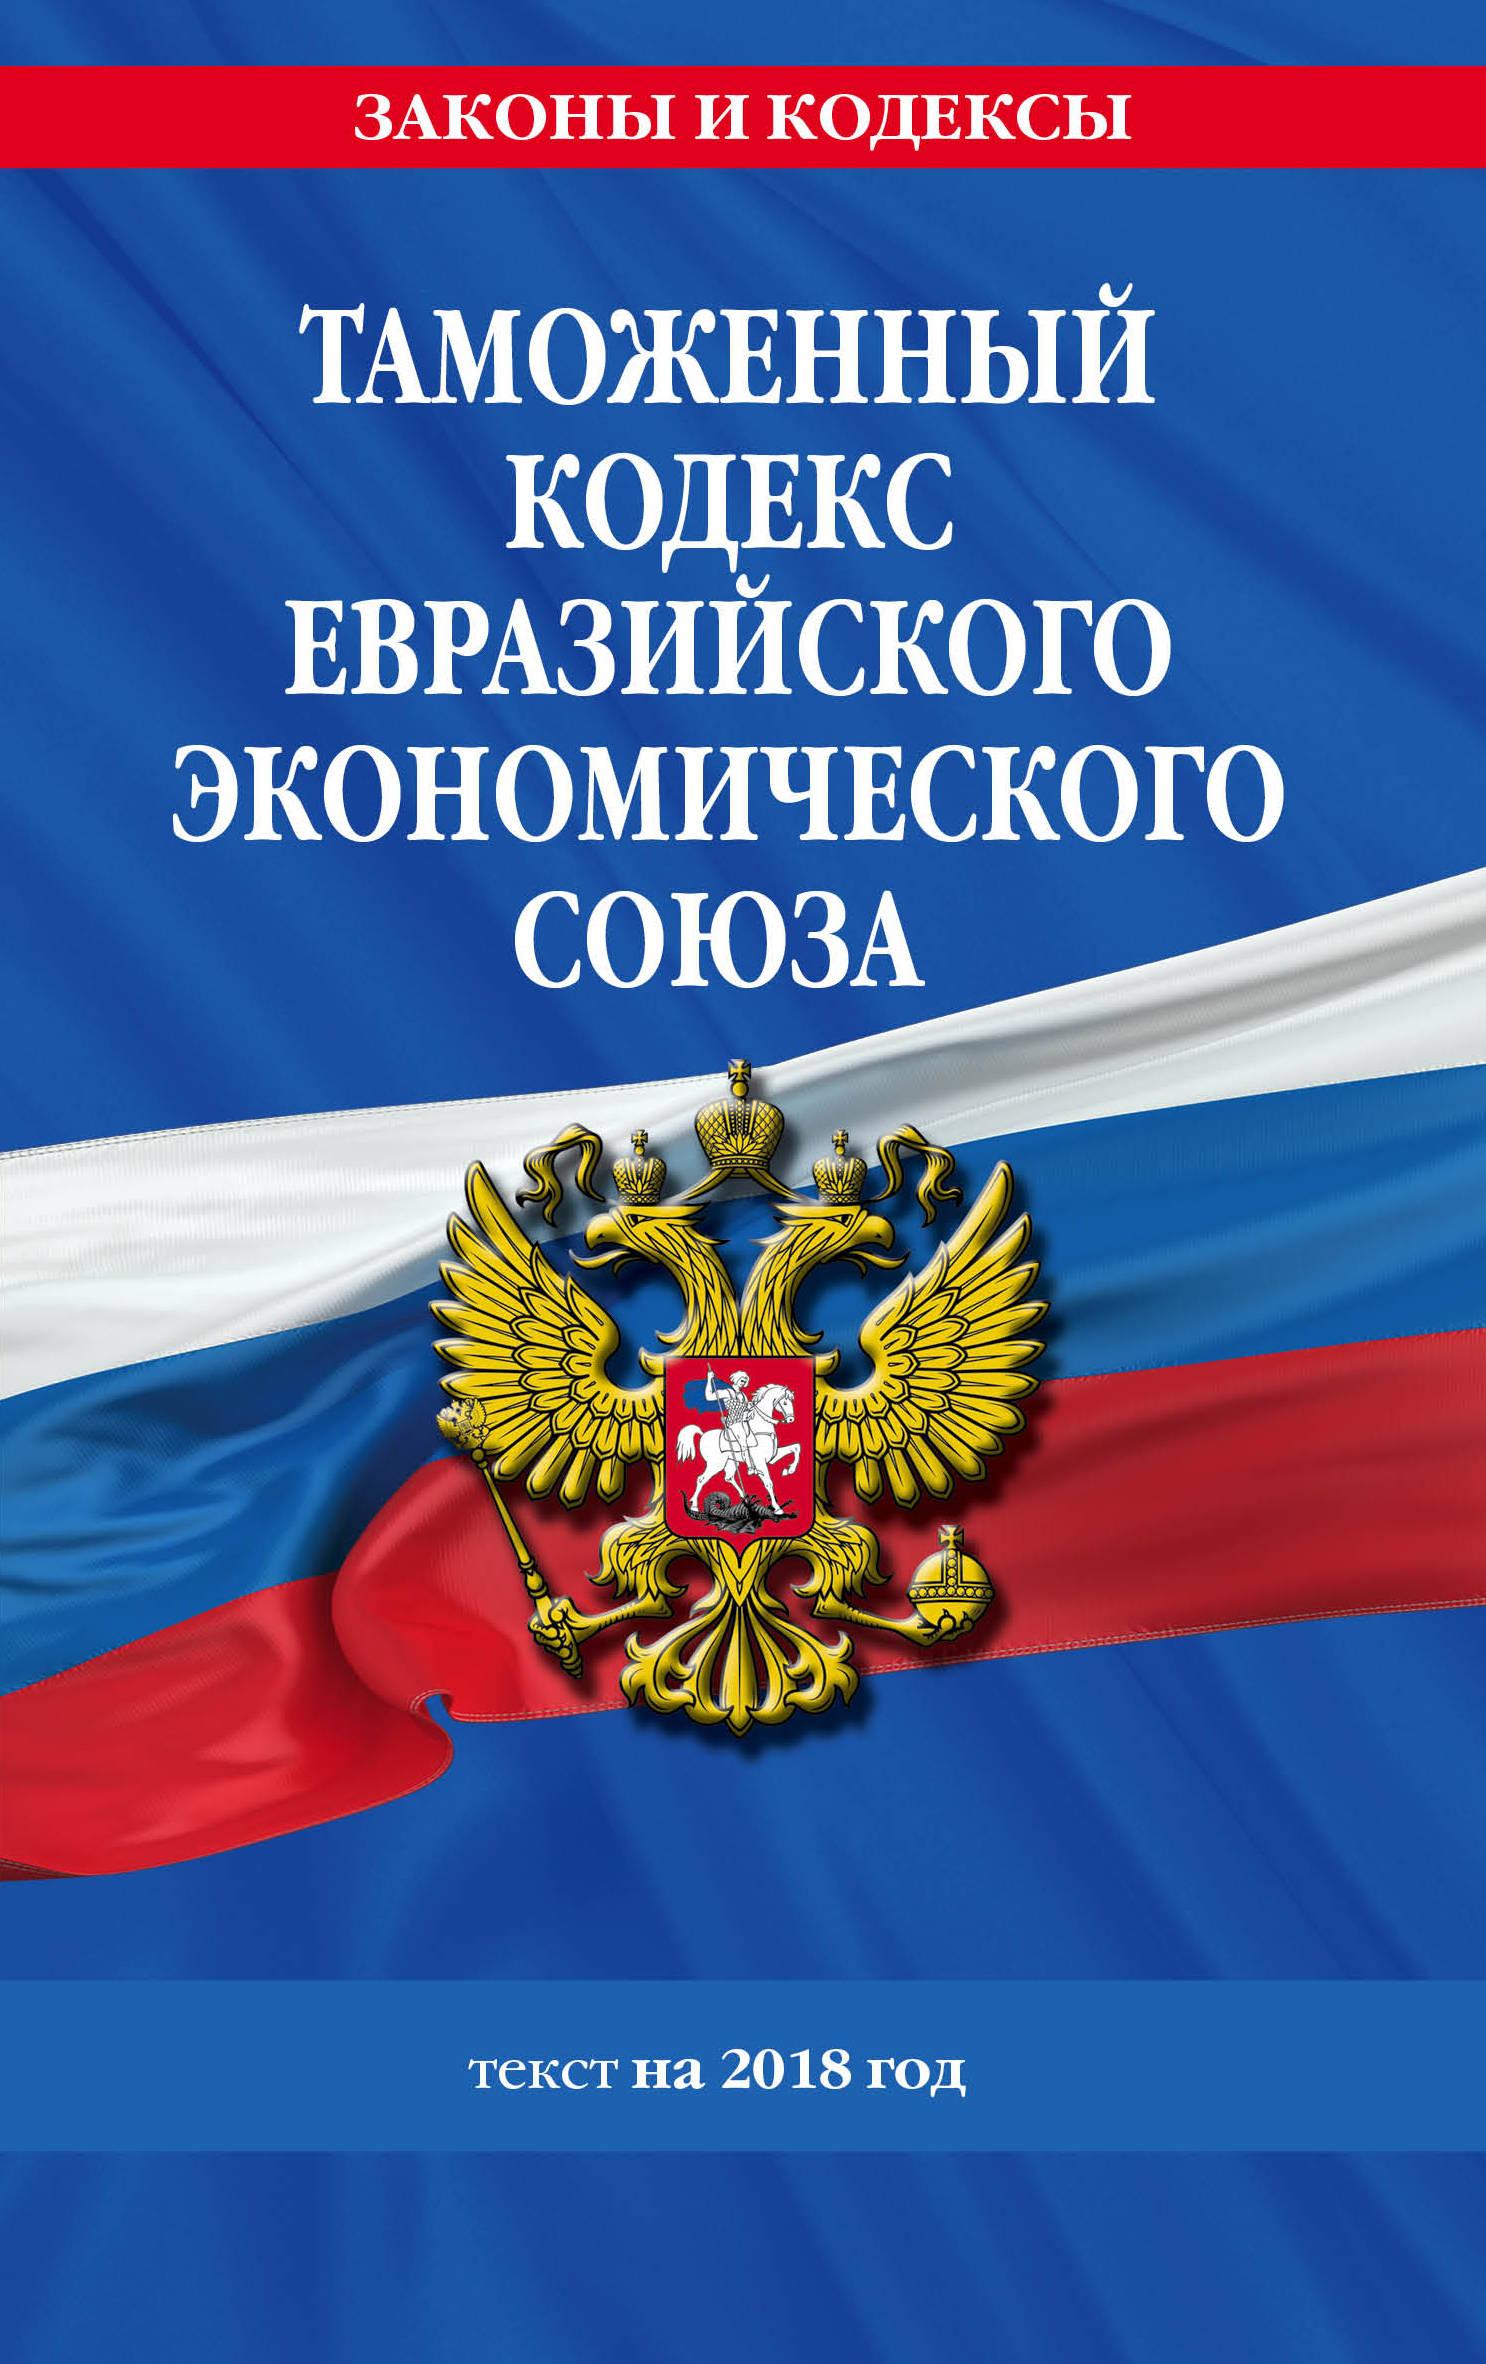 9785040926039 - Таможенный кодекс Евразийского экономического союза - Книга